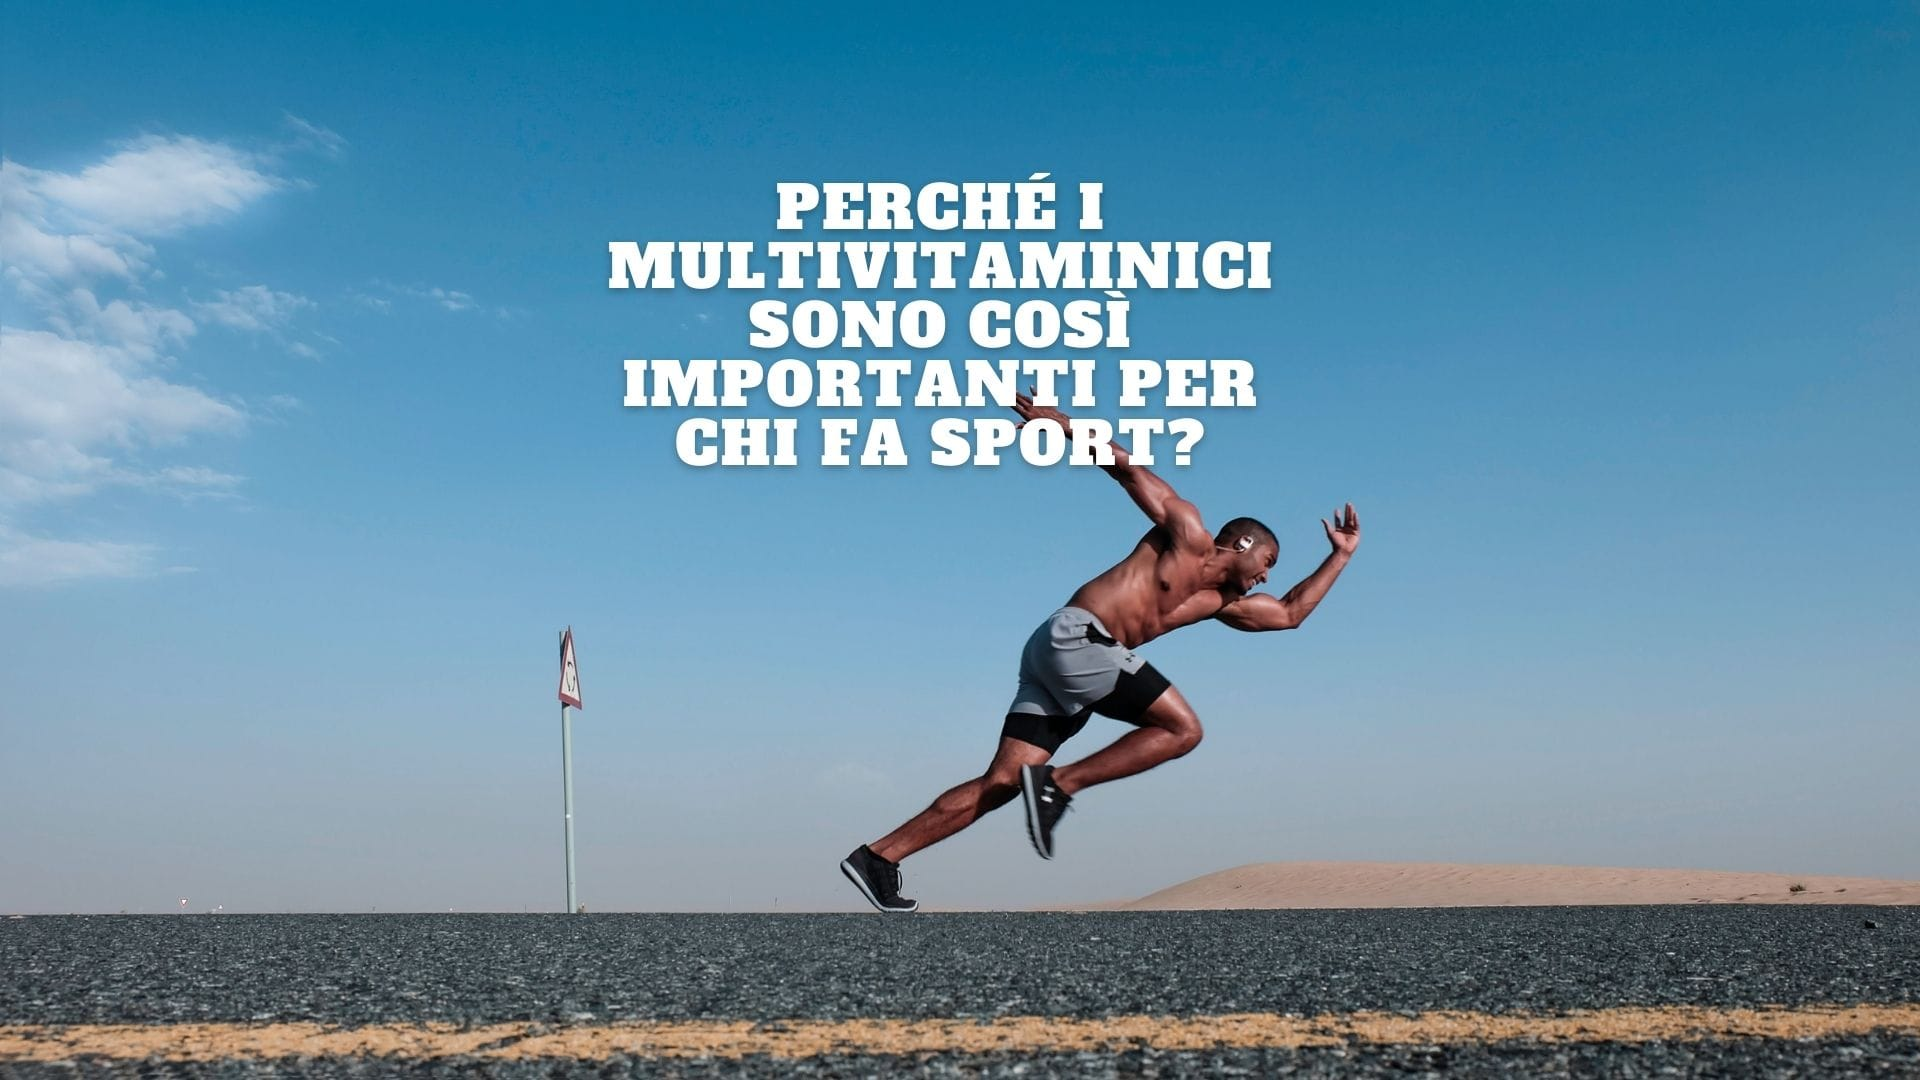 Perché i multivitaminici sono così importanti per chi fa sport?